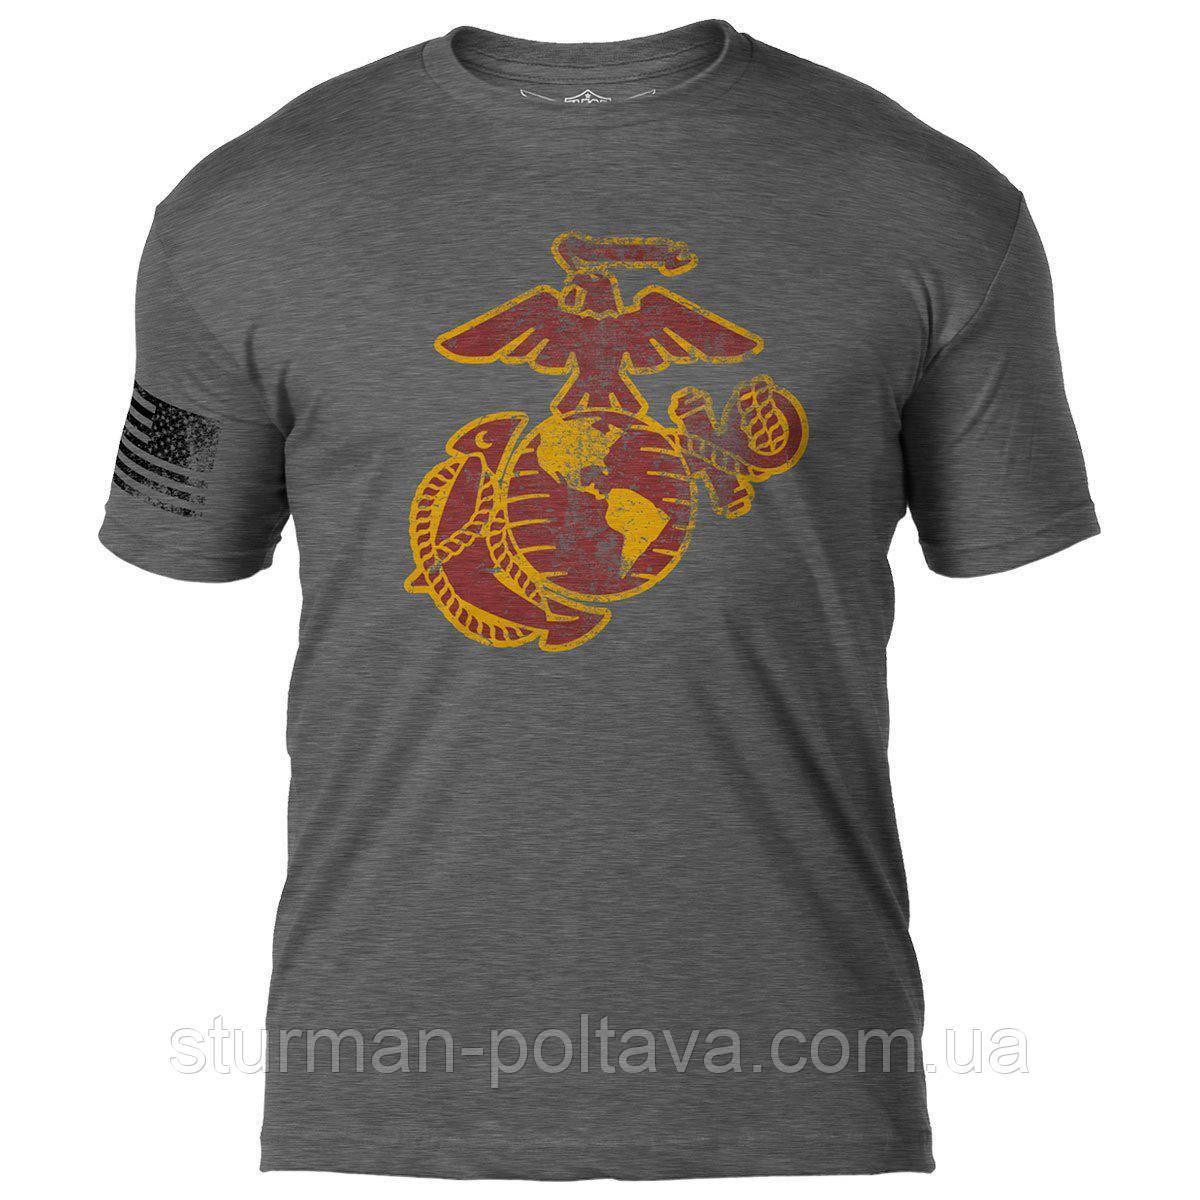 Футболка  мужская  винтажная  7.62 Design  со стареным принтом  морская пехота  USMC 7.62 Design